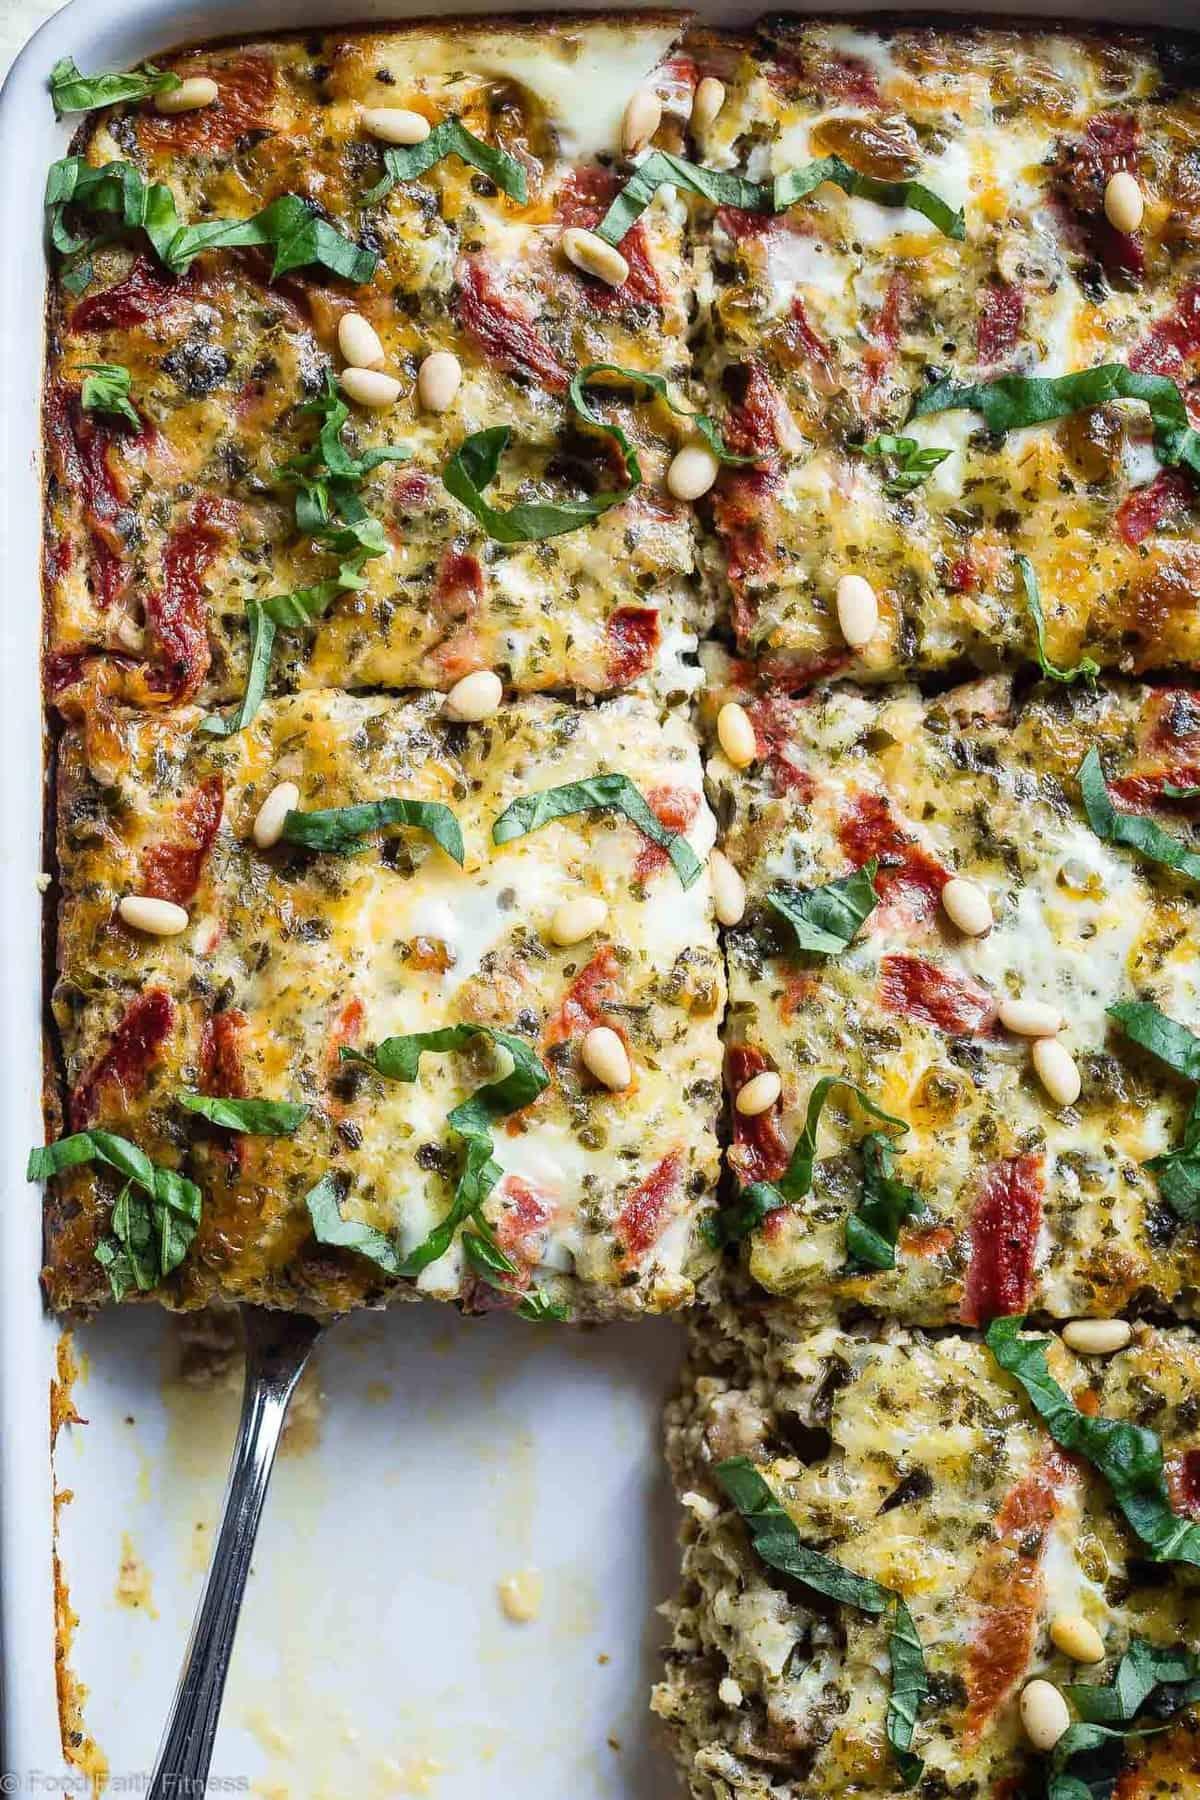 slices of Keto Breakfast Casserole in a baking dish